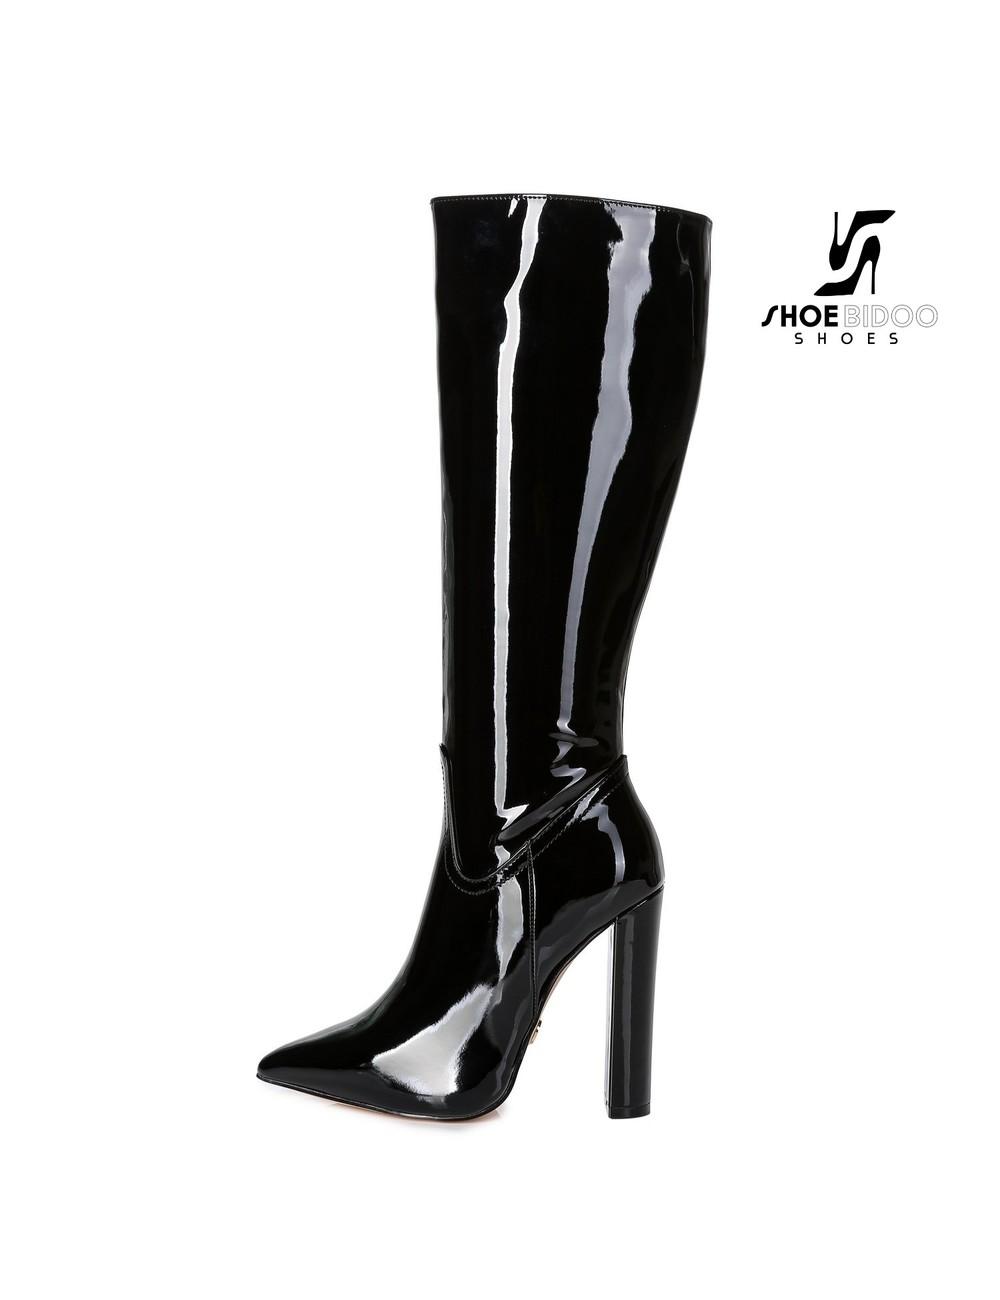 Giaro Giaro fashion knee boots TAKEN in black patent